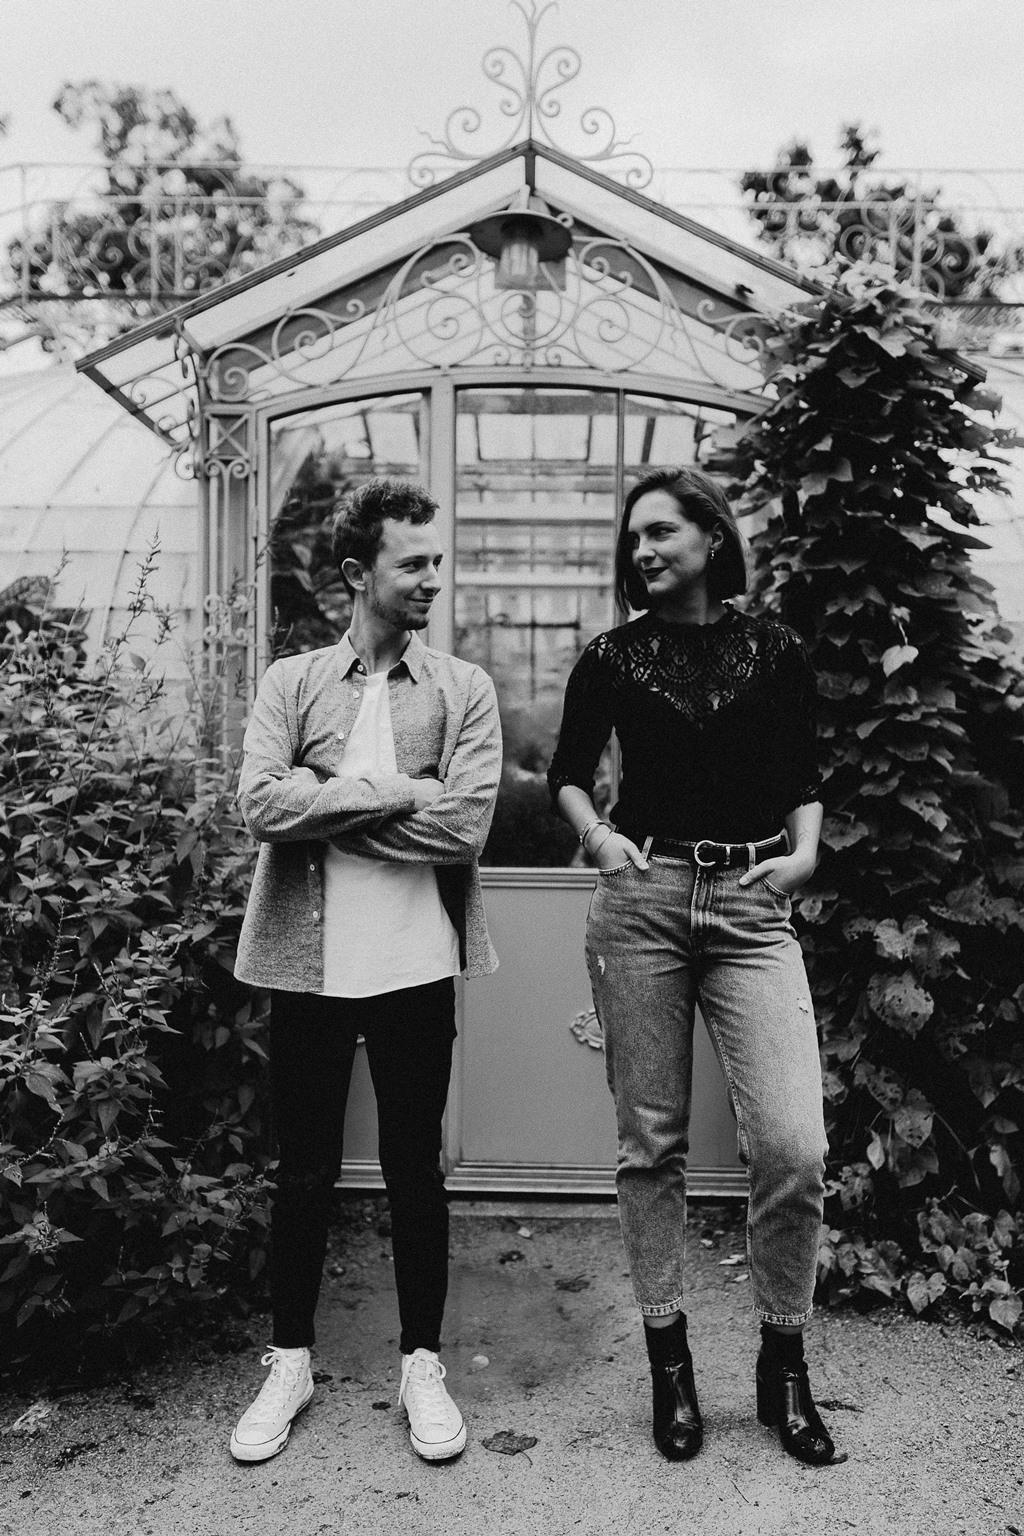 séance engagement Nantes couple portrait serre jardin des plantes noir et blanc